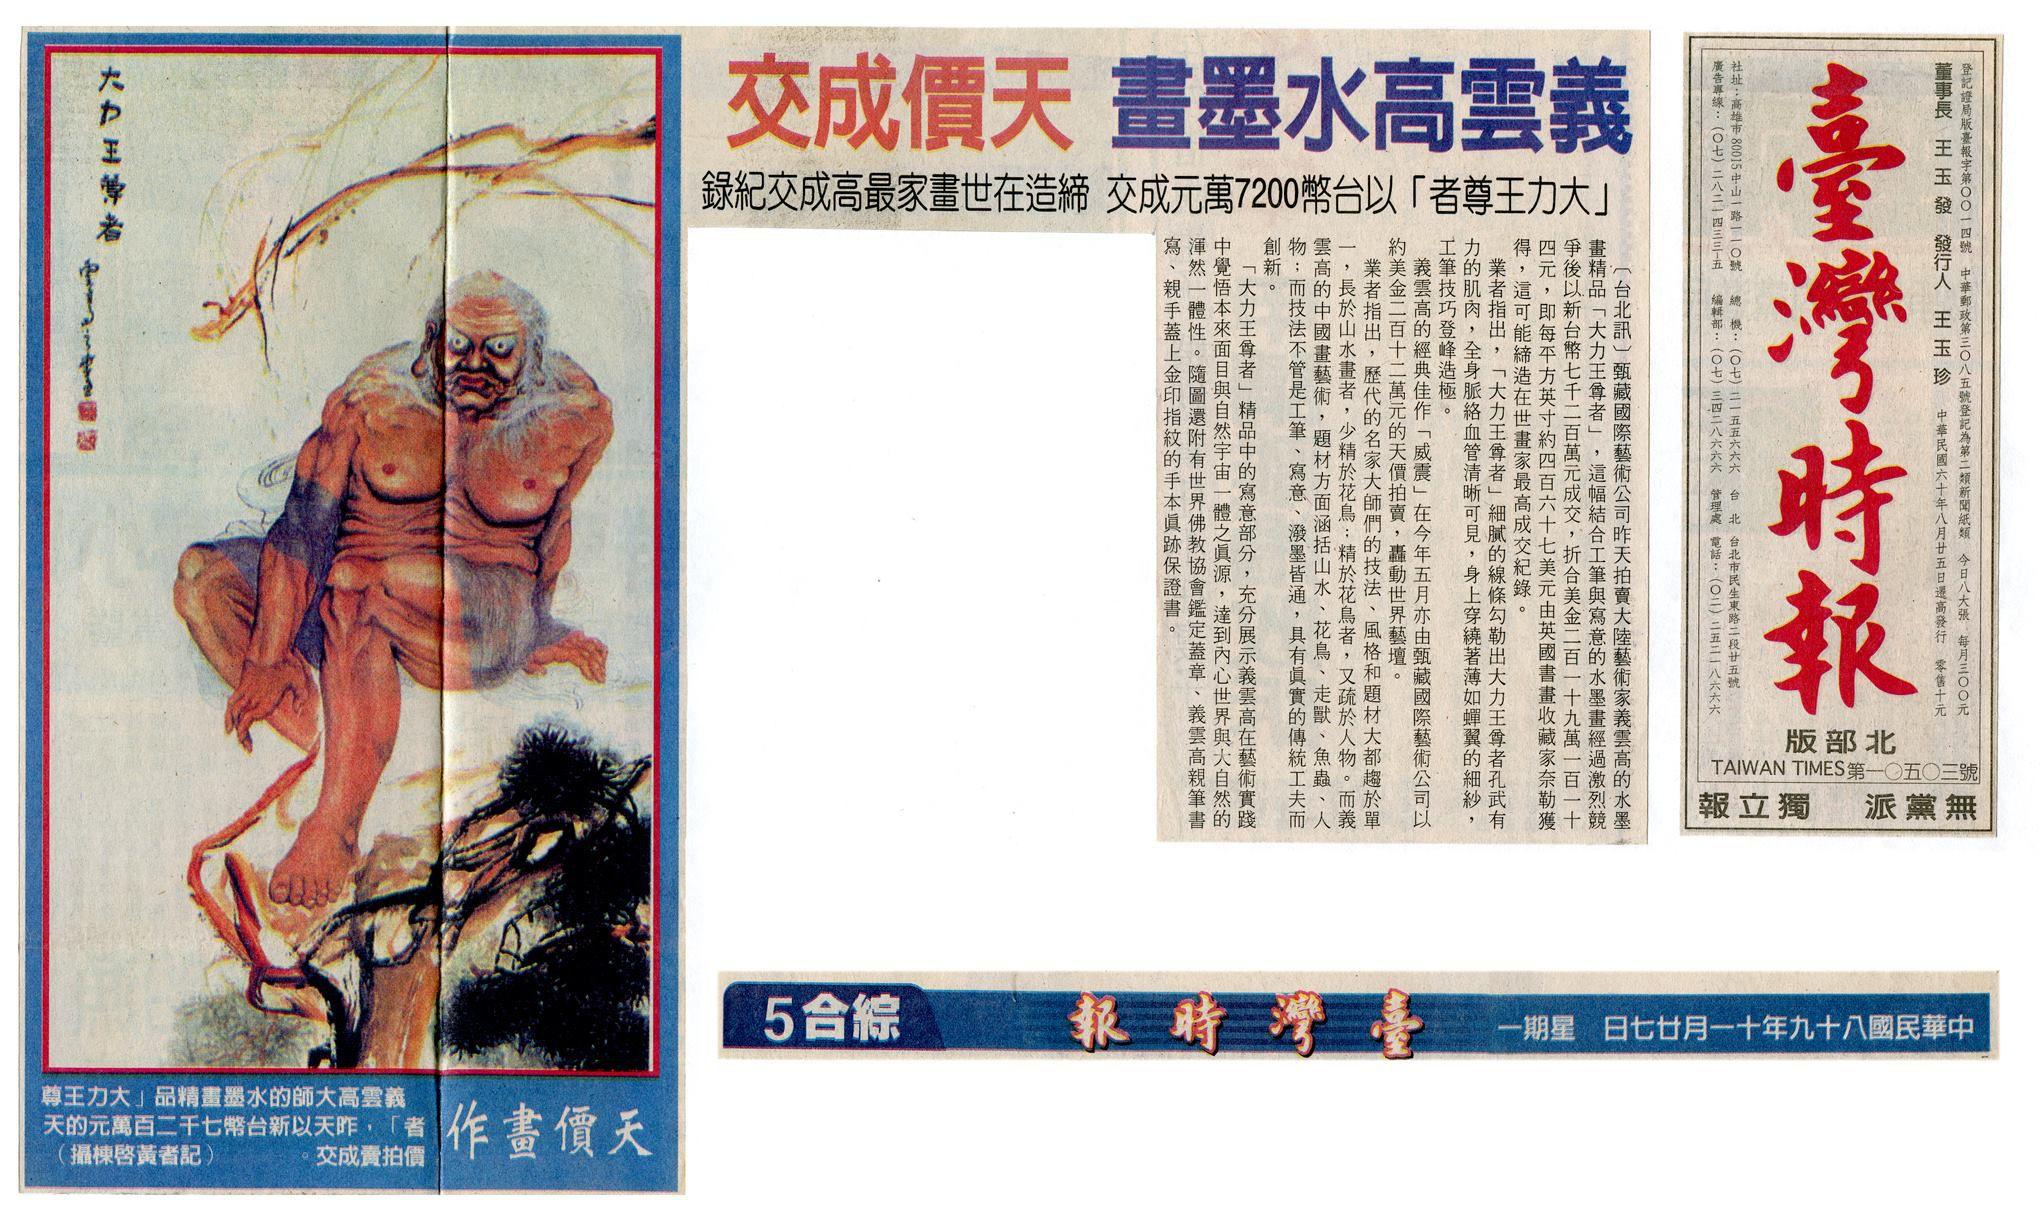 義雲高(第三世多杰羌佛)水墨畫天價成交 「大力王尊者」以台幣7200萬元成交 締造在世畫家最高成交紀錄(相關新聞彙整)